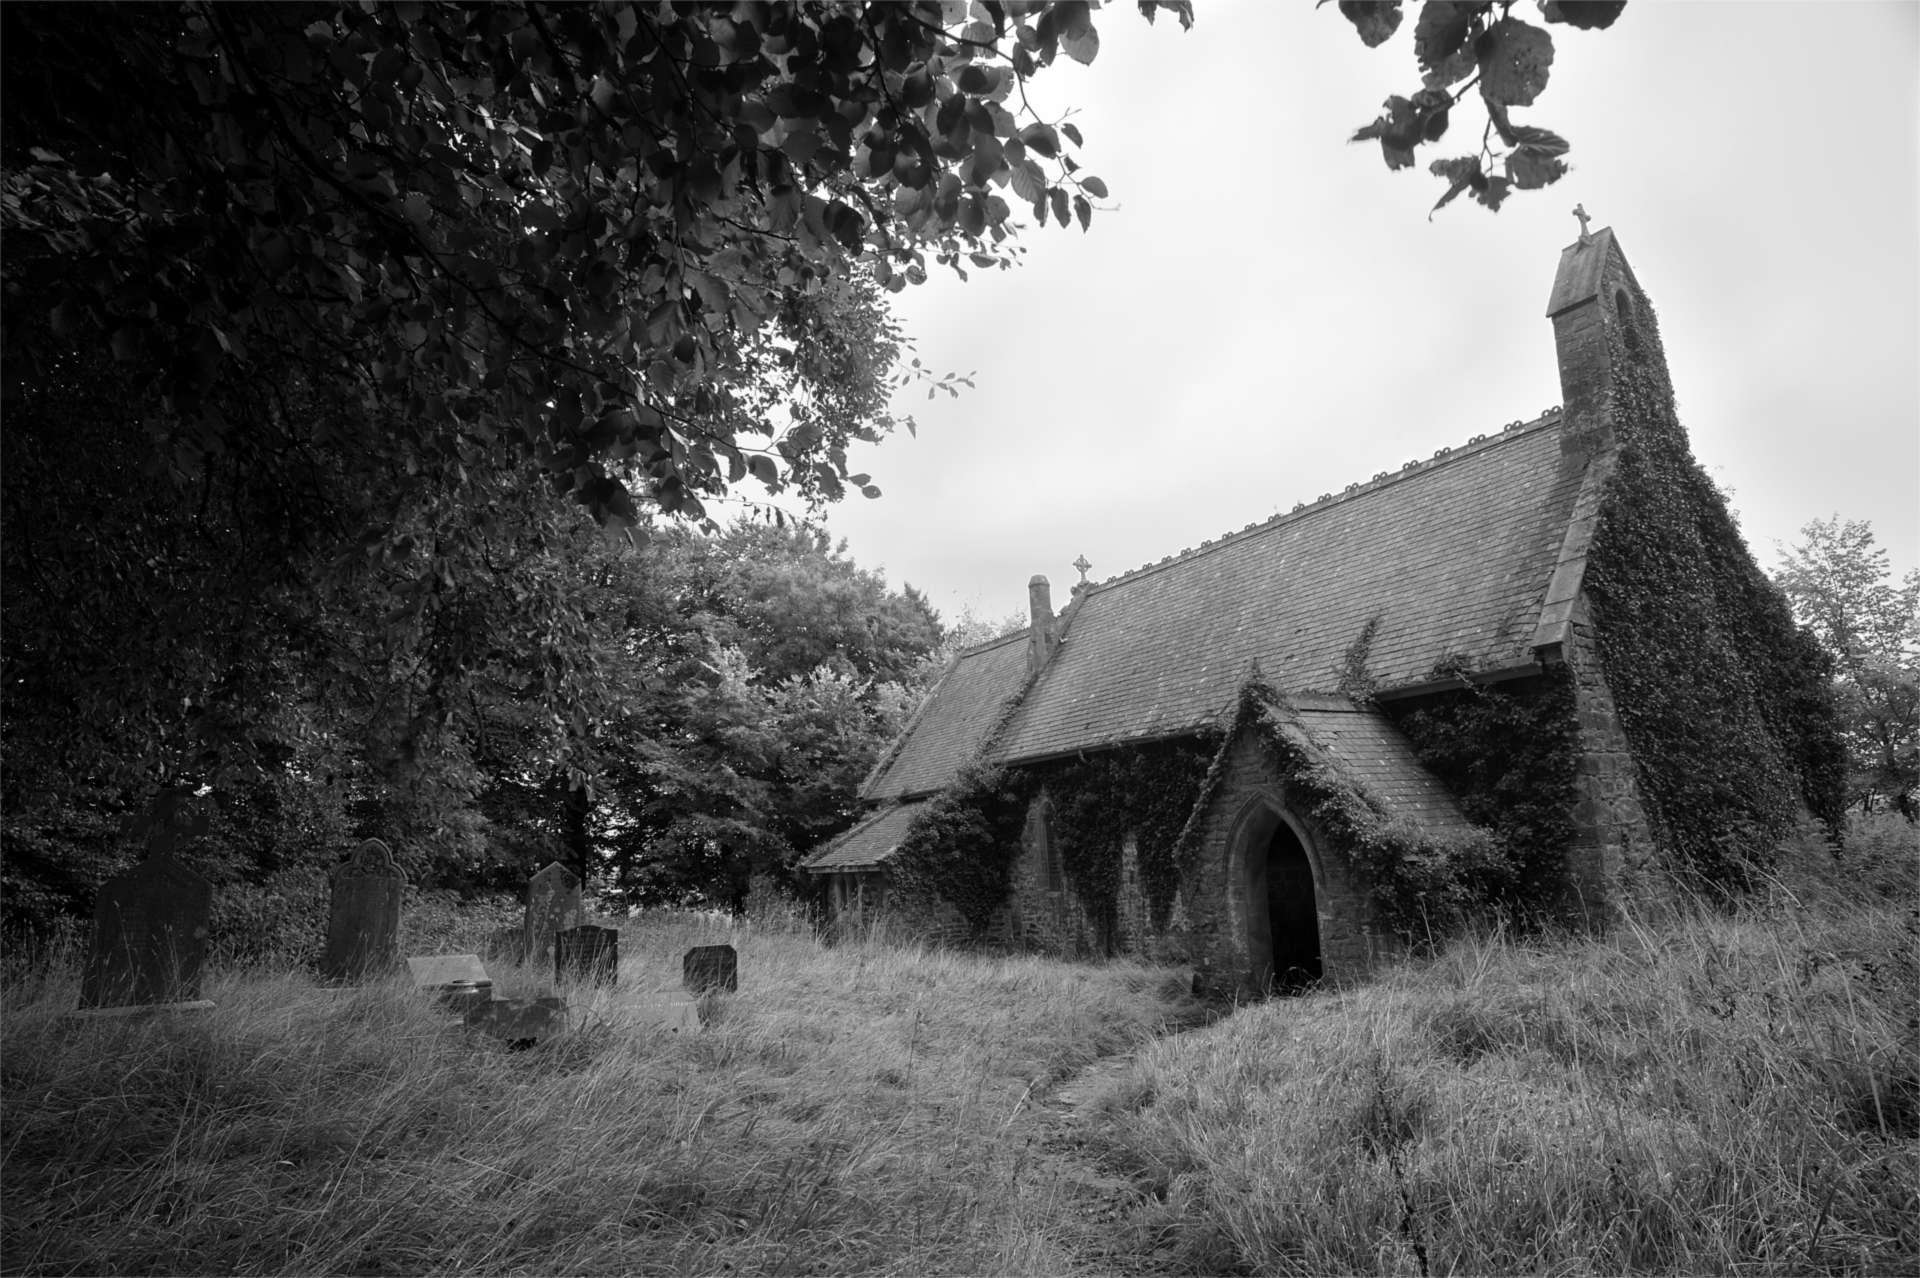 St Canna church